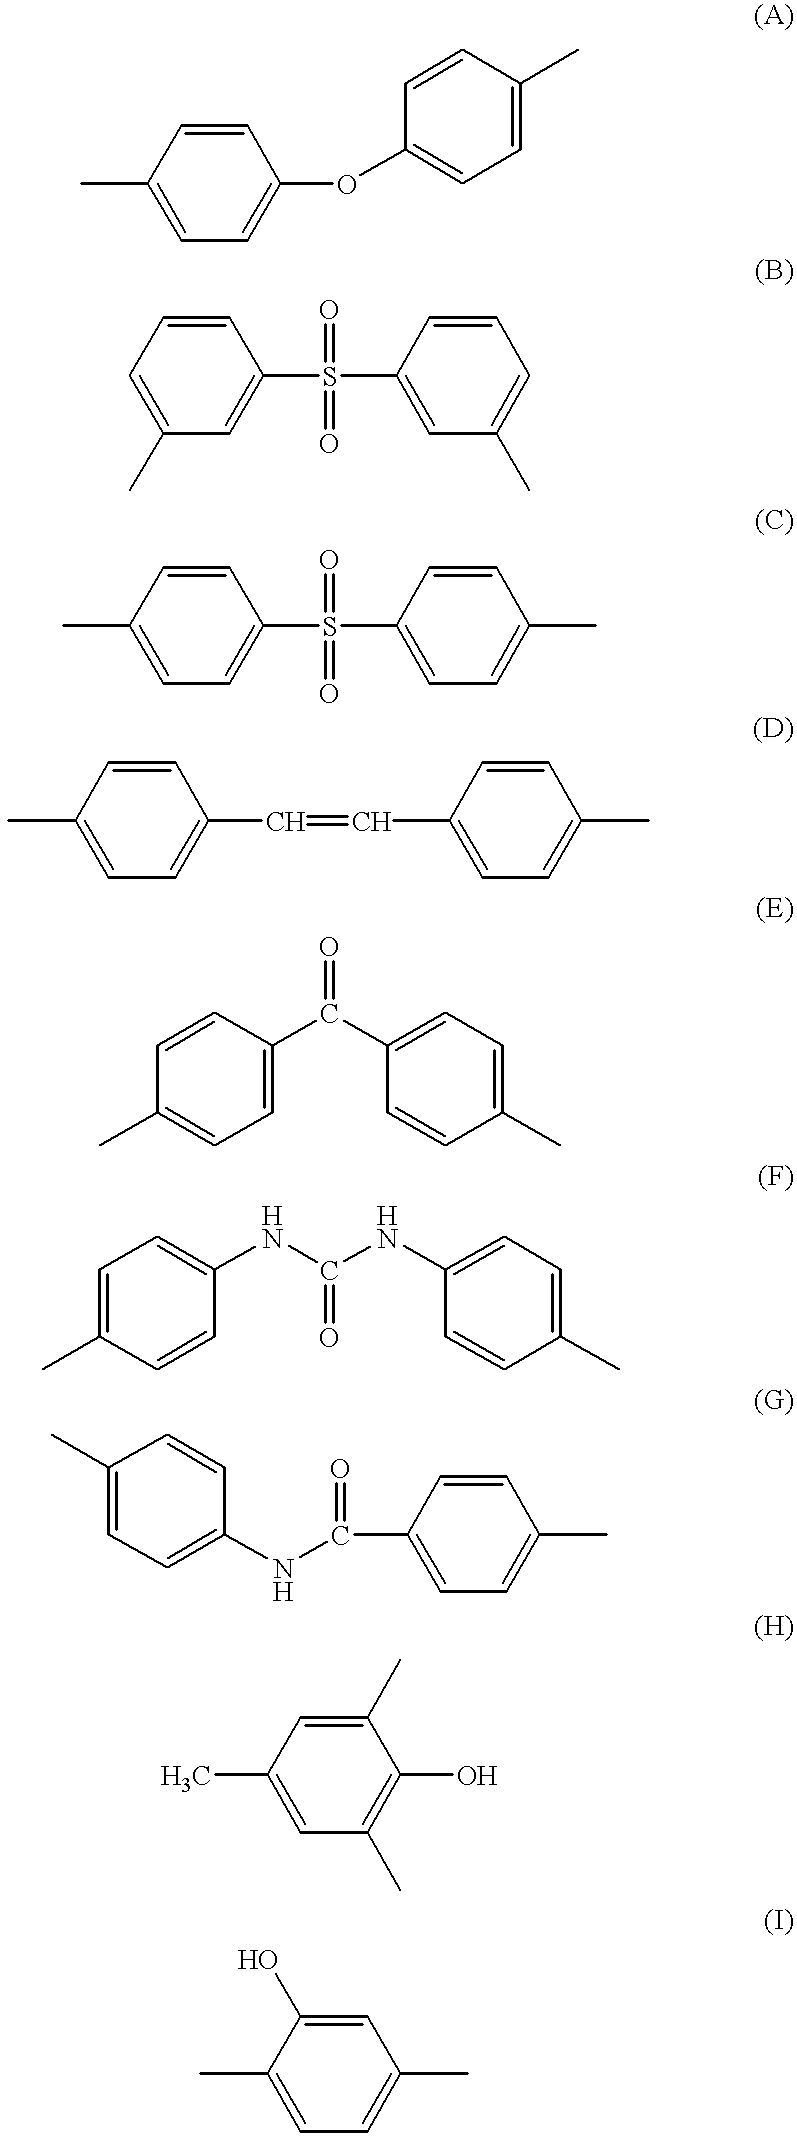 Figure US06303260-20011016-C00013